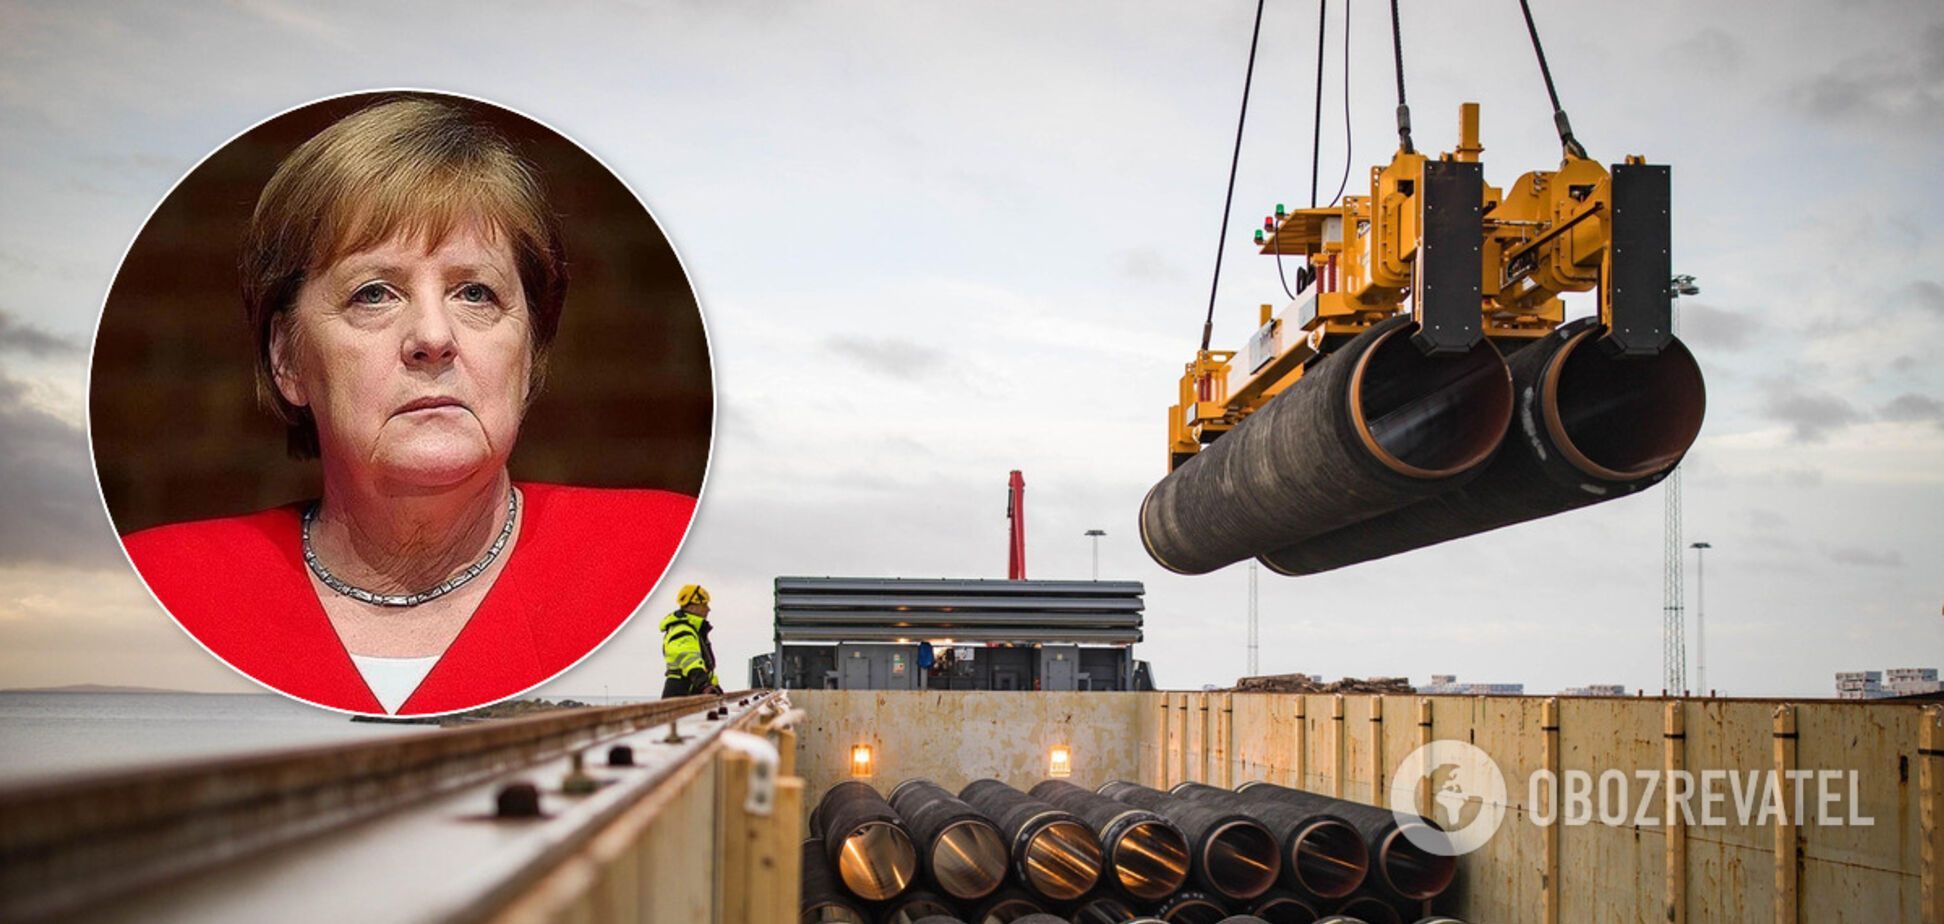 Ангела Меркель сделала заявление по 'Северному потоку-2'